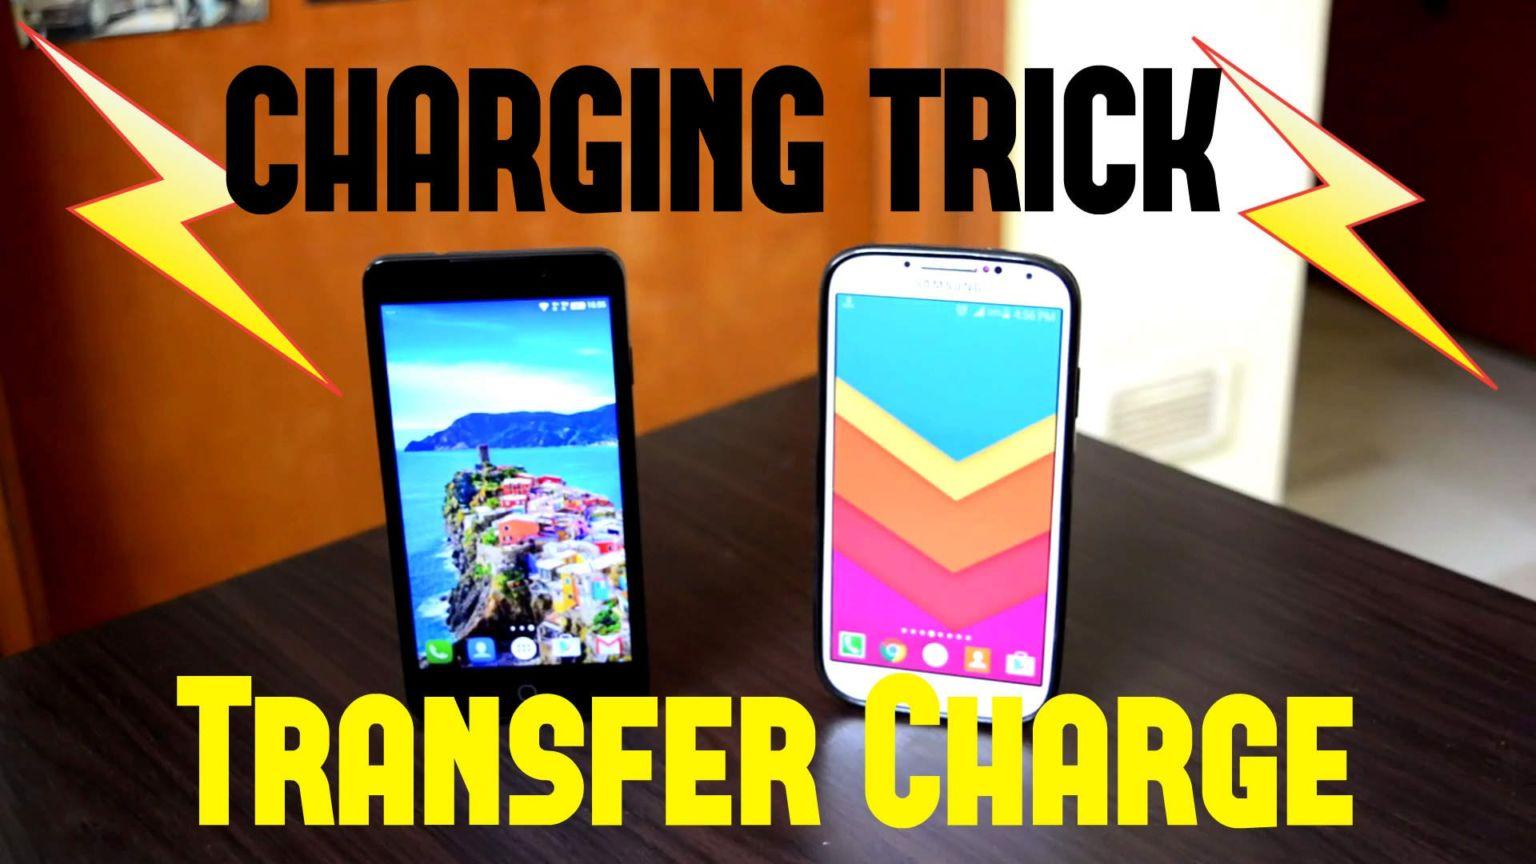 চার্জ Transfer করুন Android টু Android.